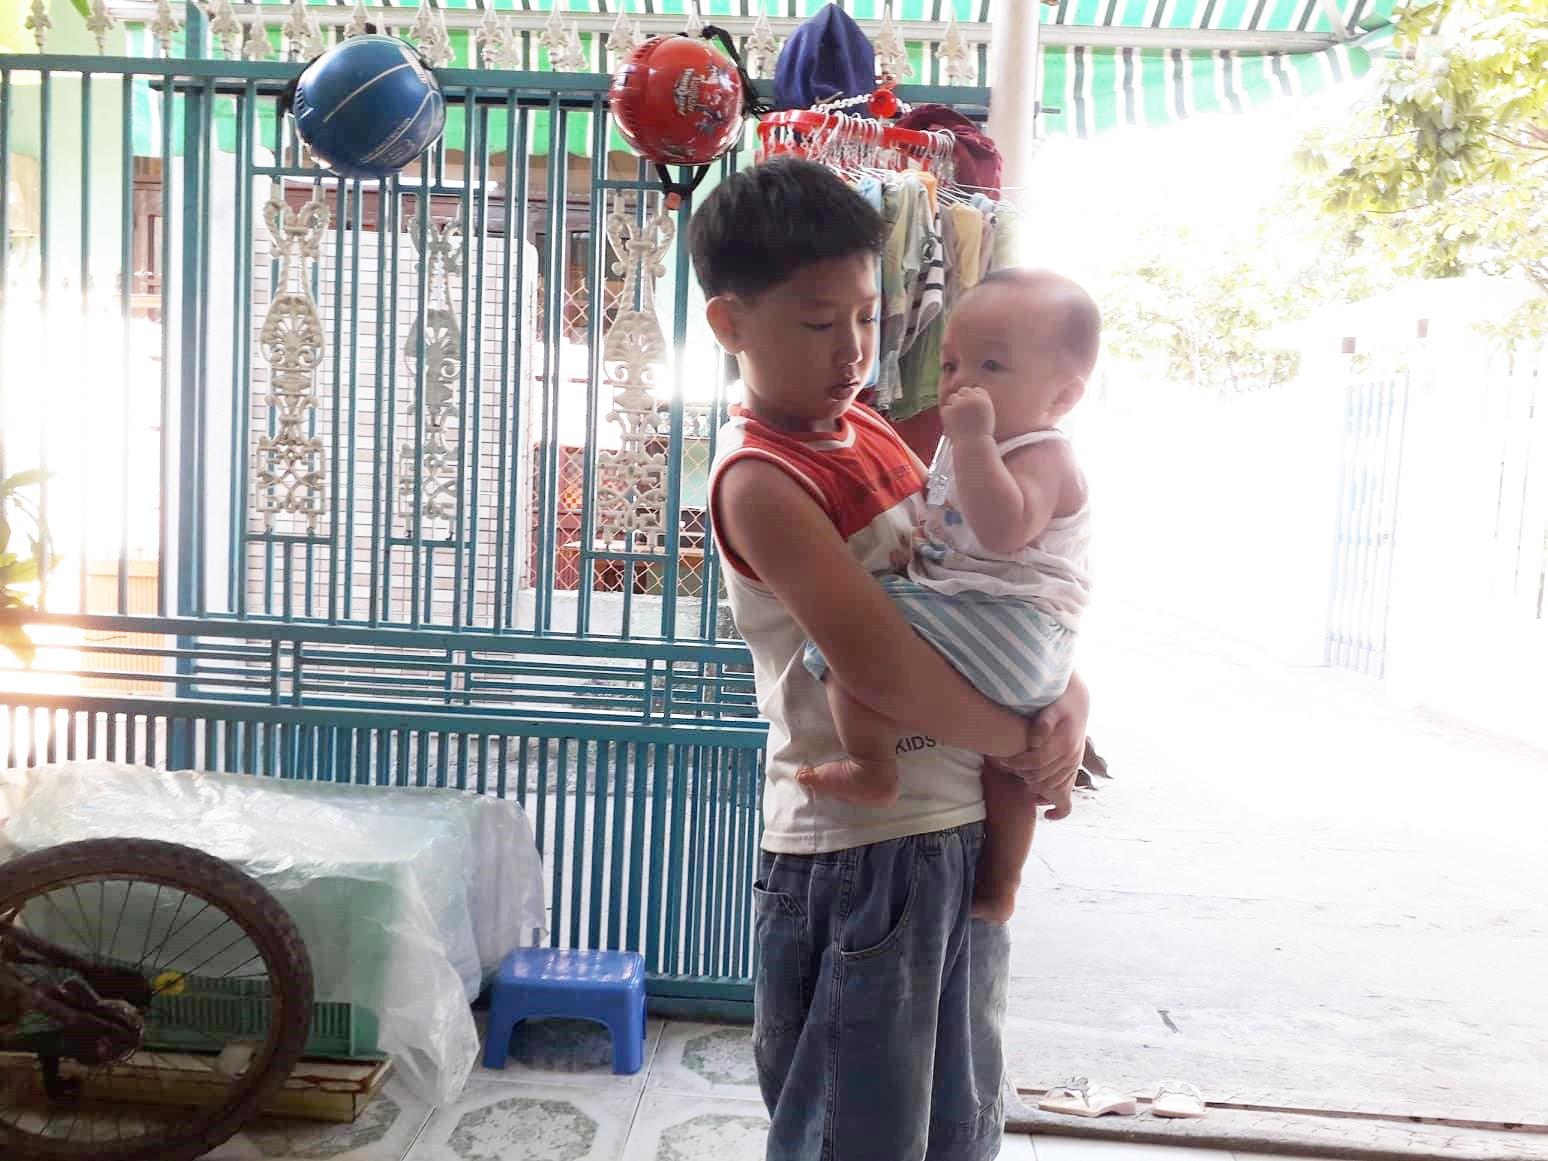 Đà Nẵng: Người mẹ nghèo nuôi 3 con thơ nheo nhóc, bất lực nhìn con gái 15 tuổi co giật vì bệnh u máu quái ác - Ảnh 9.